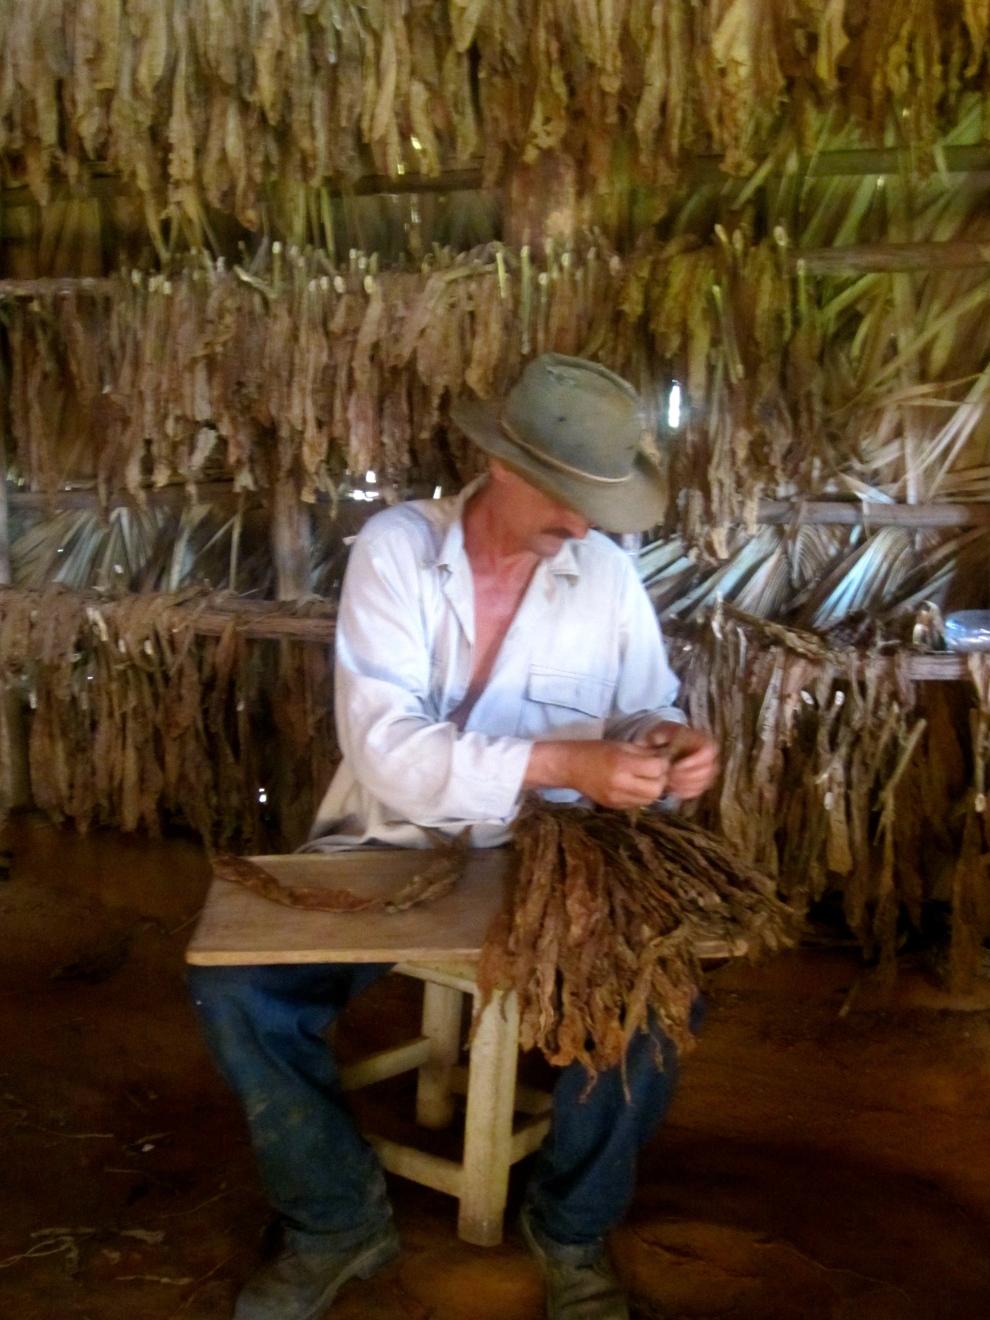 A tobacco farmer rolling Cigars